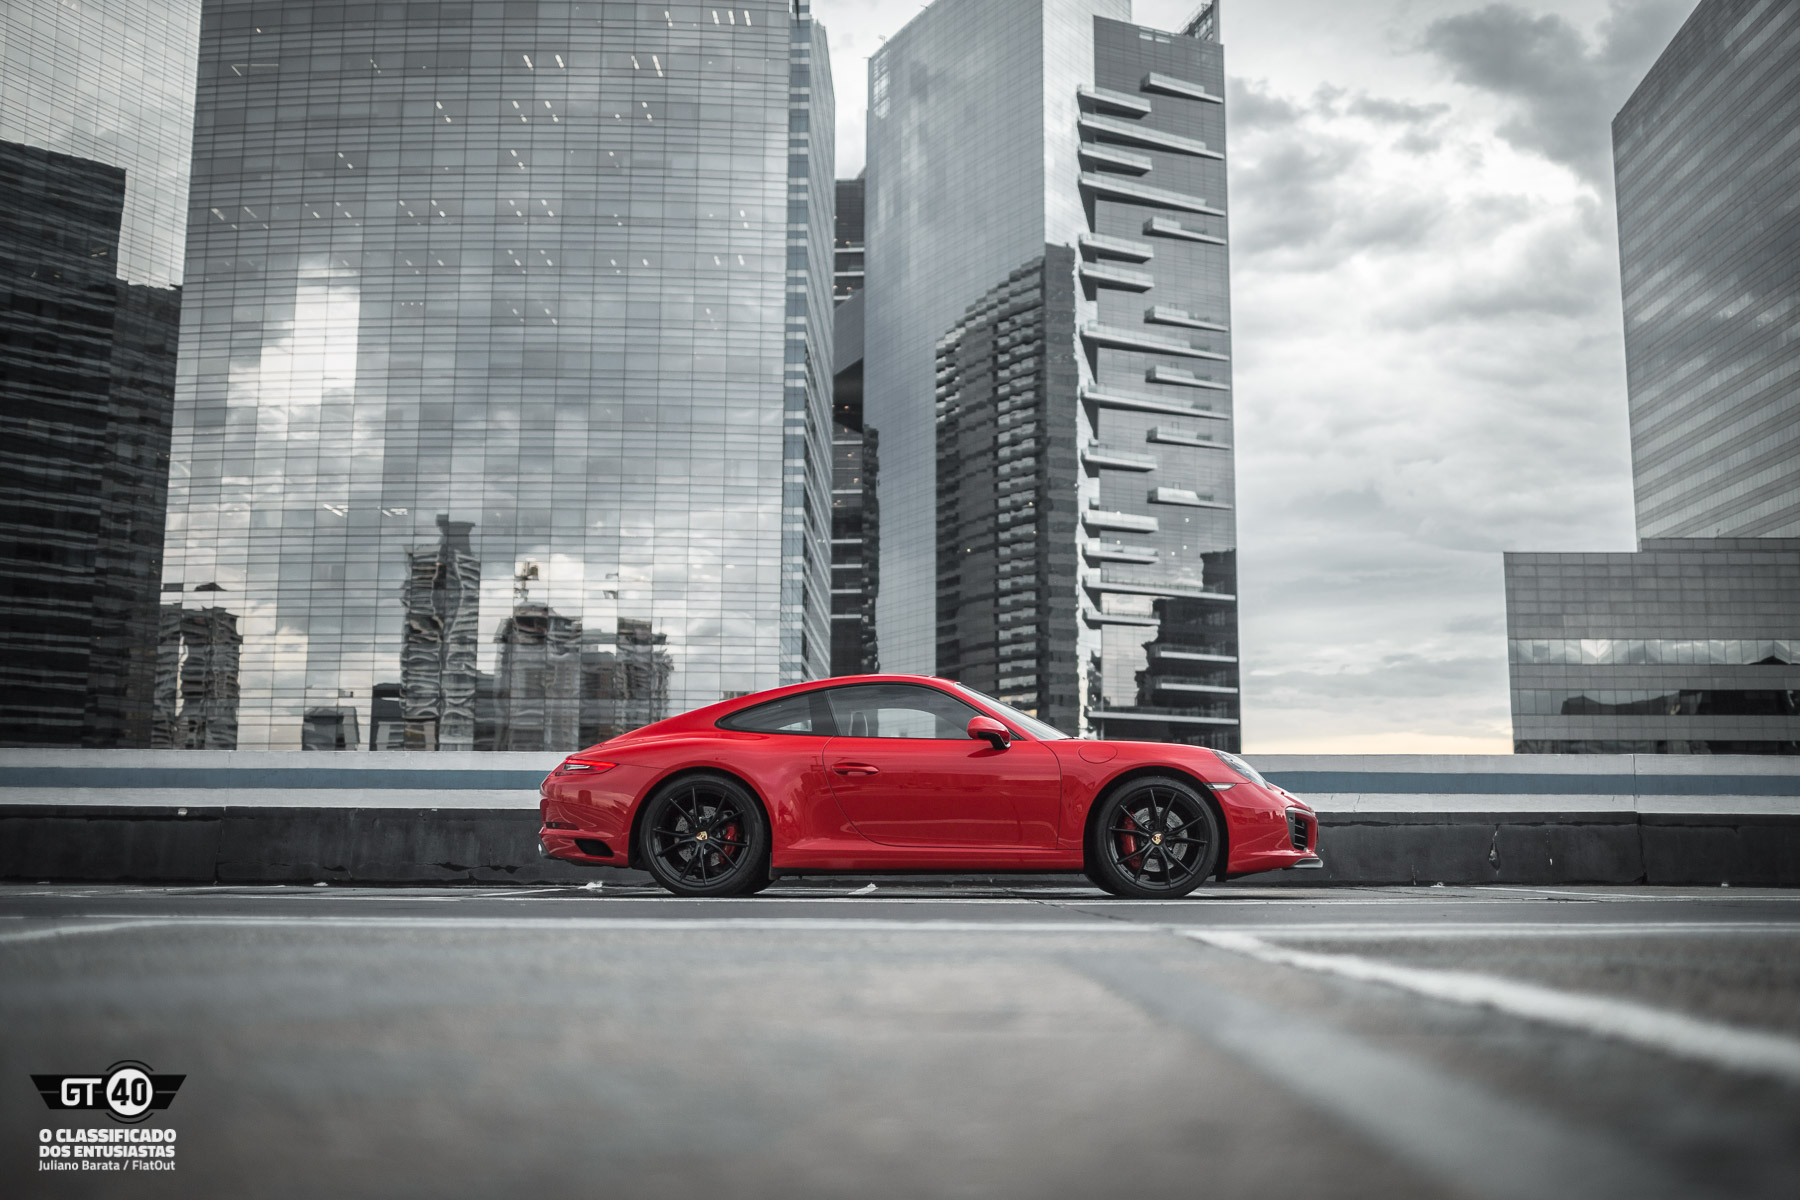 Porsche-Carrera-S-991-2-FlatOut-22